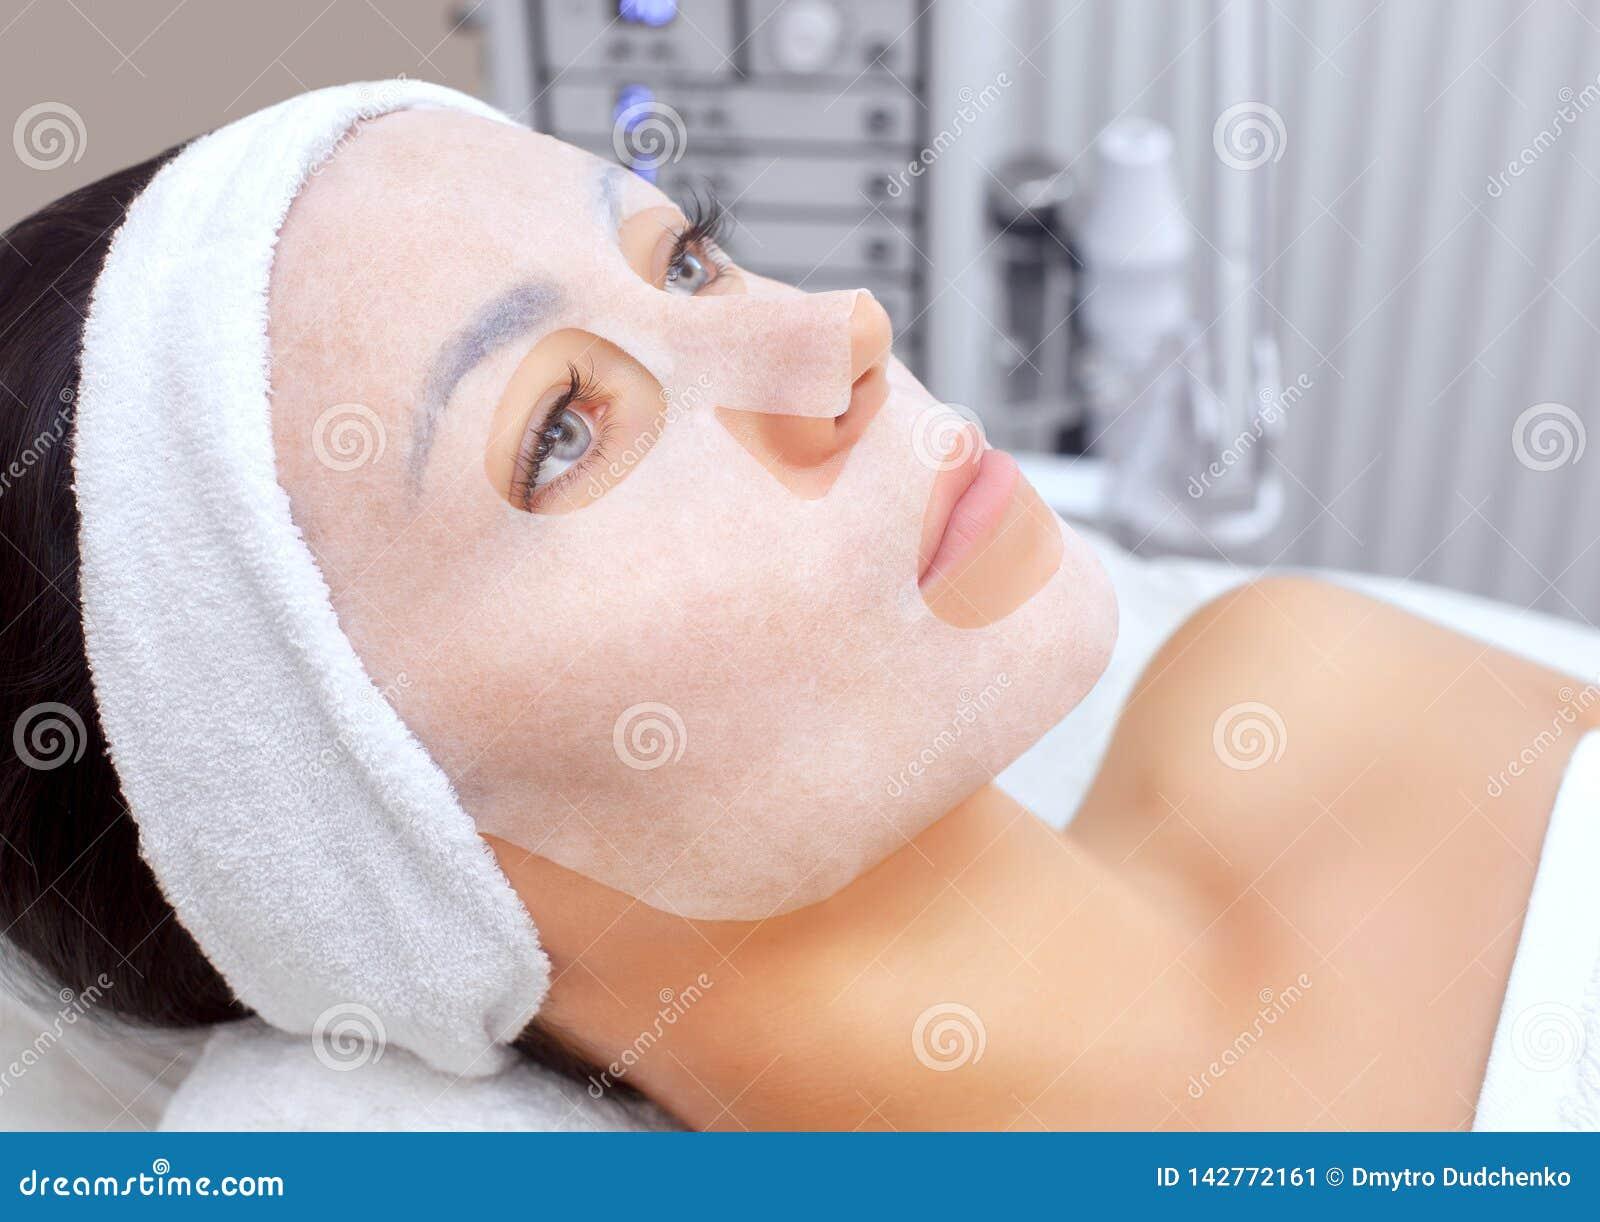 El cosmetologist para el procedimiento de limpiar y de hidratar la piel, aplicando una máscara de la hoja a la cara